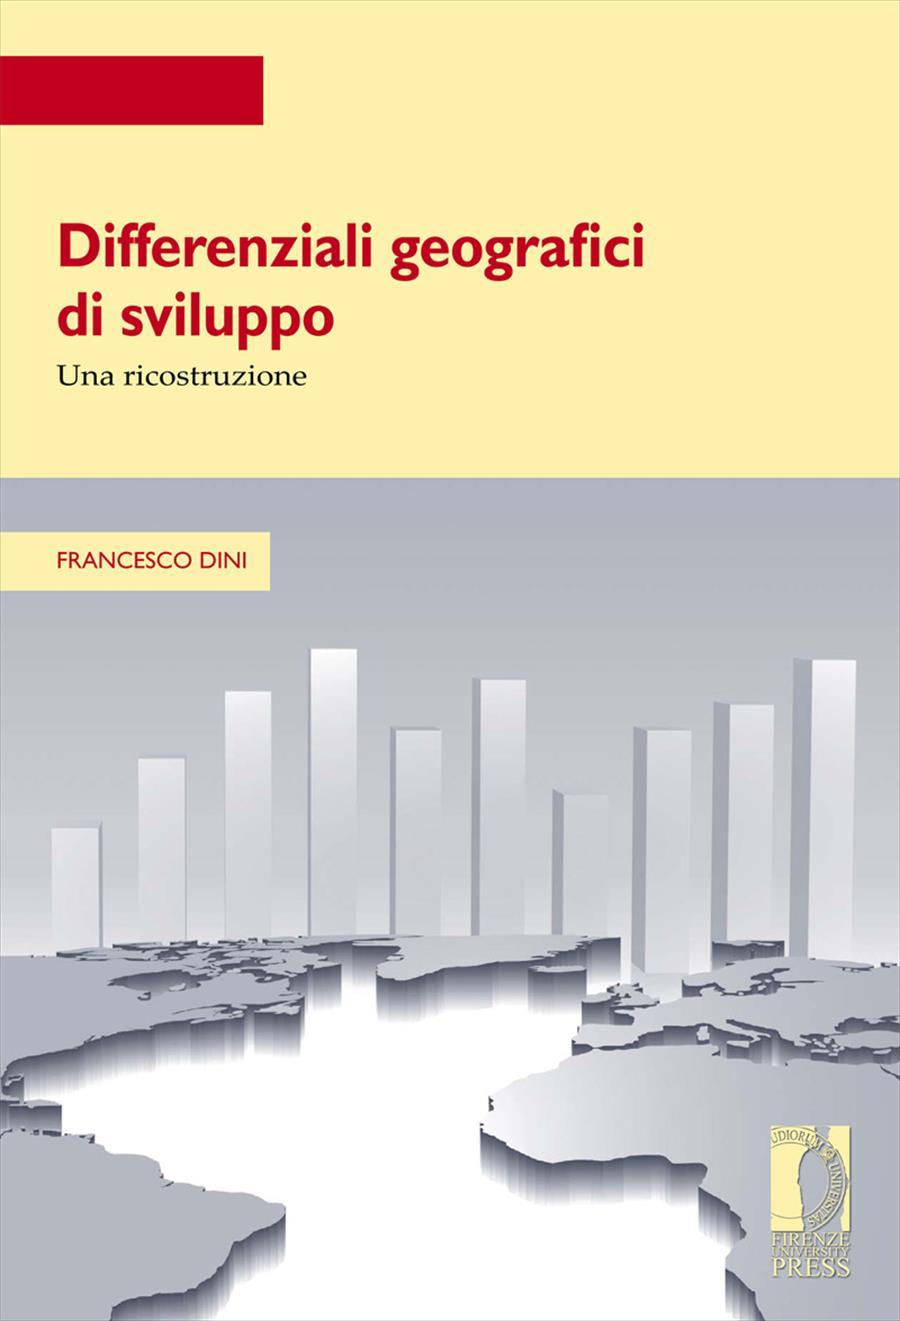 Differenziali geografici di sviluppo